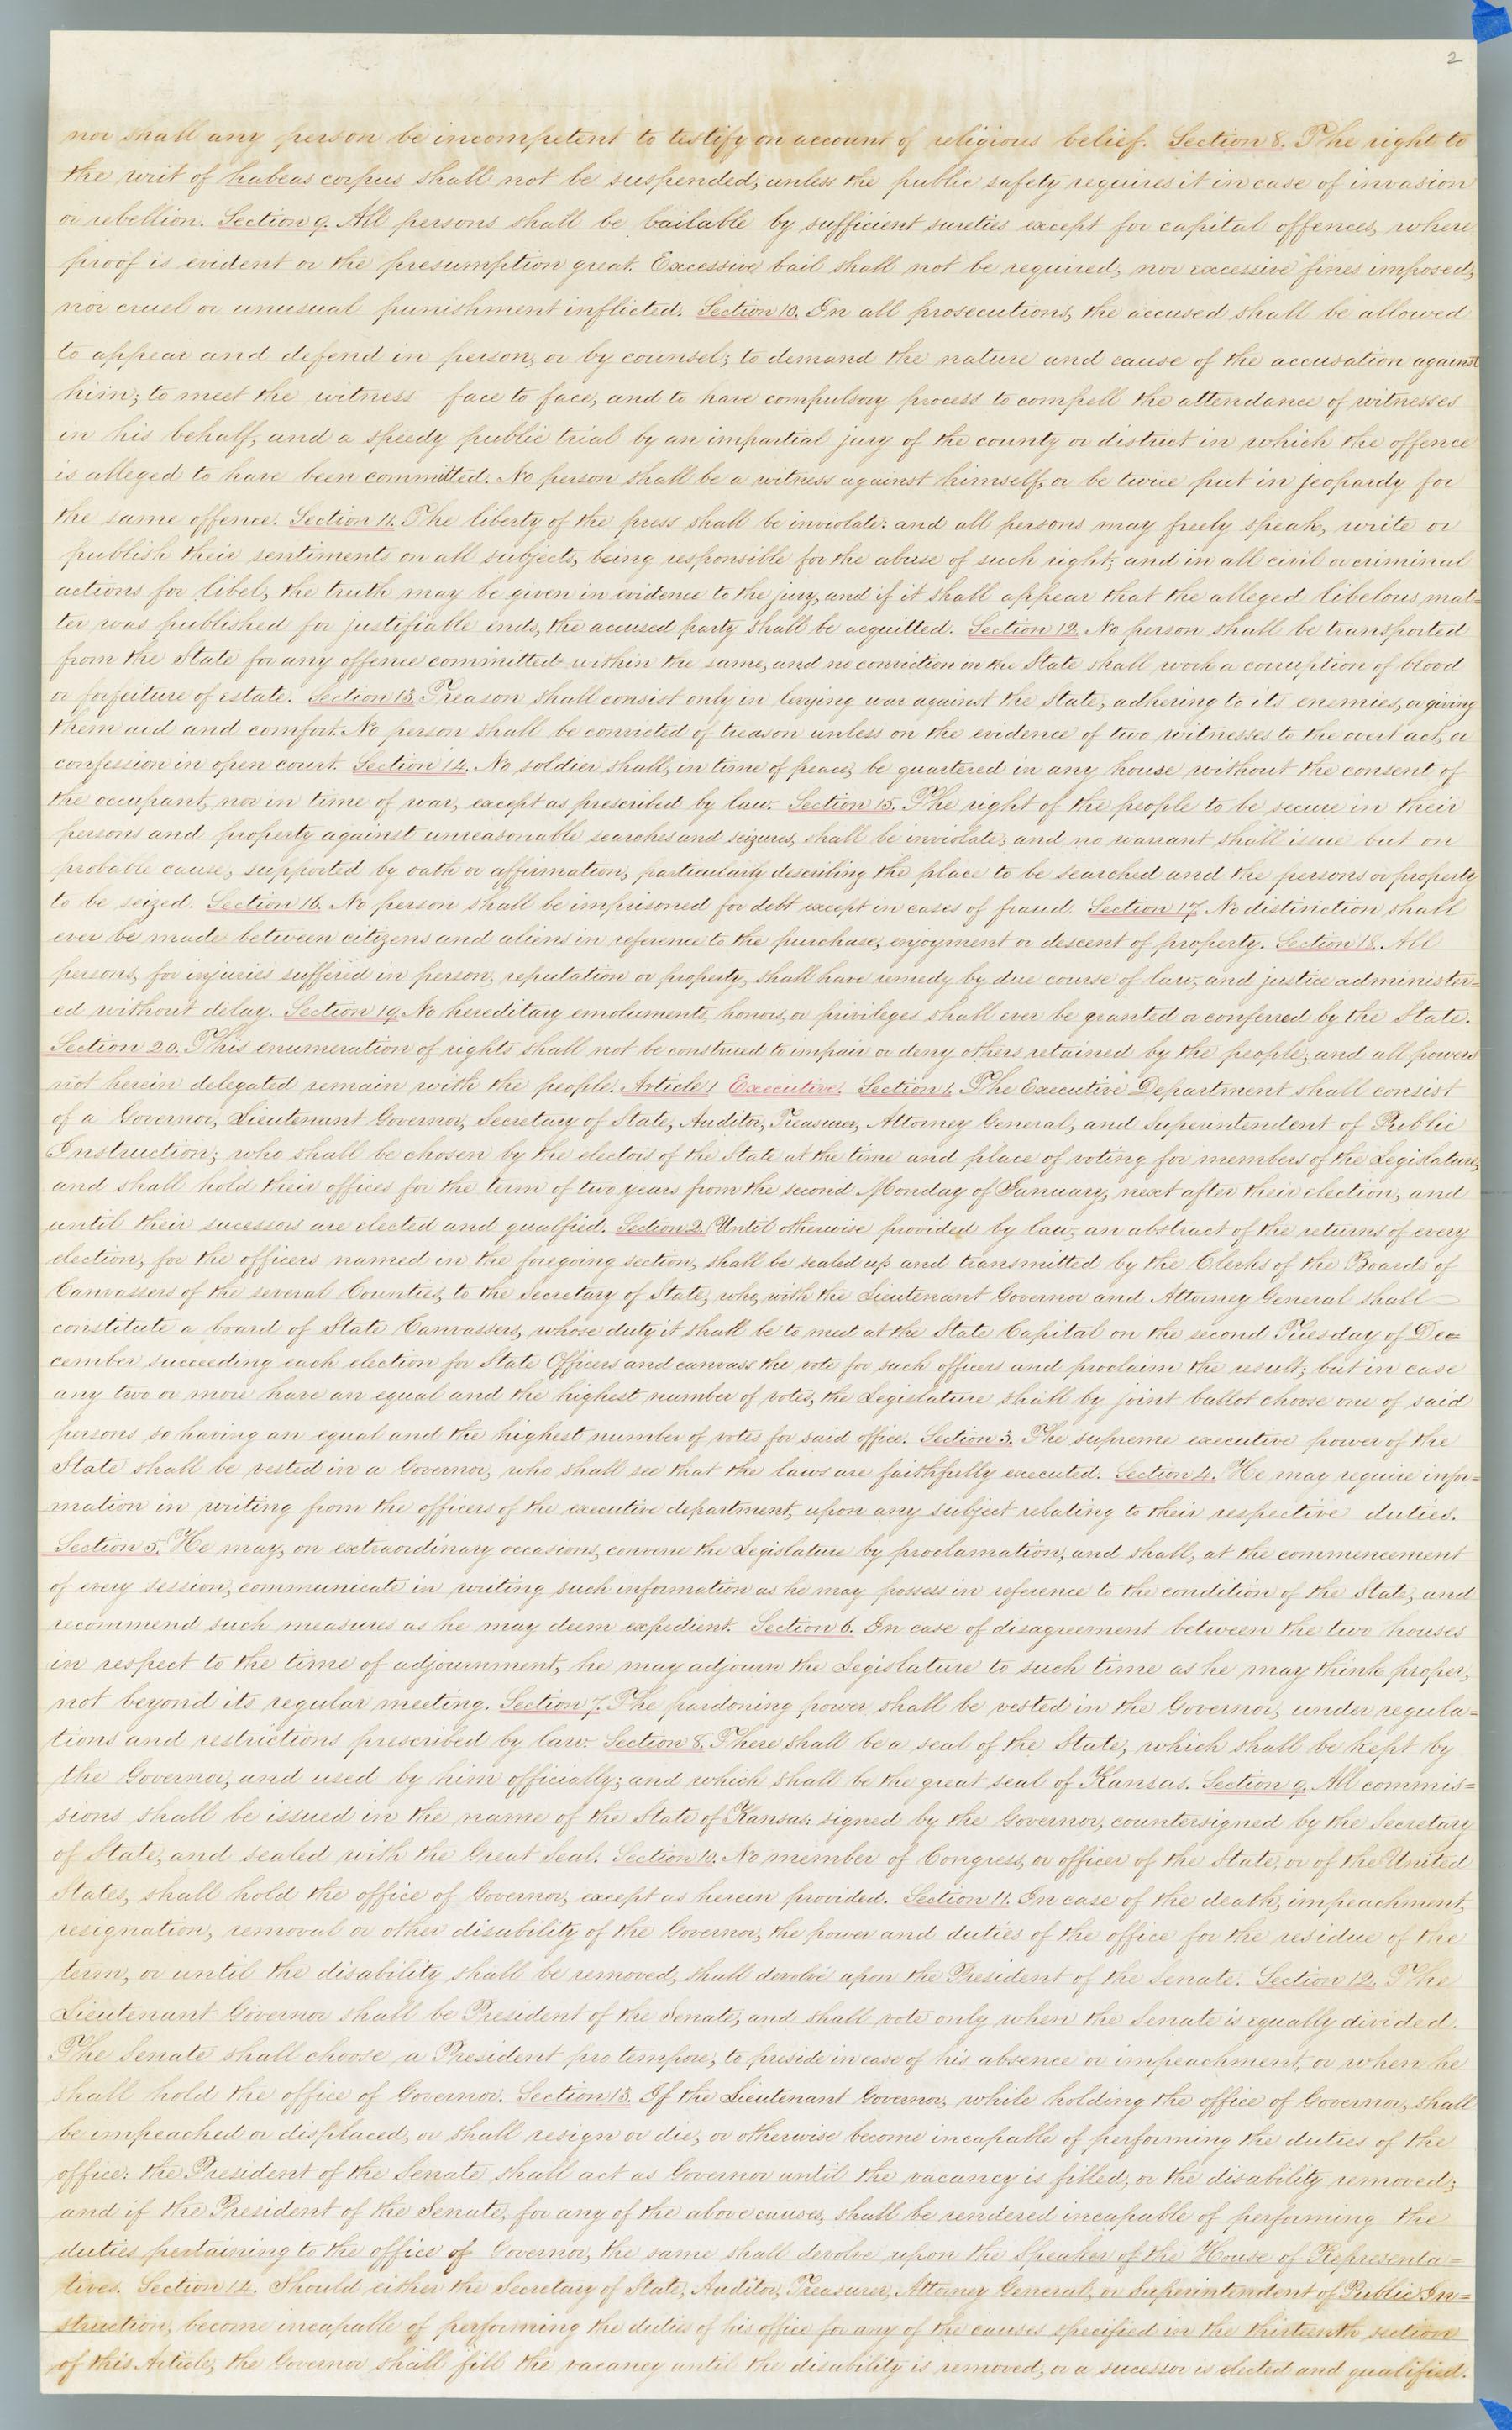 Wyandotte Constitution - 2